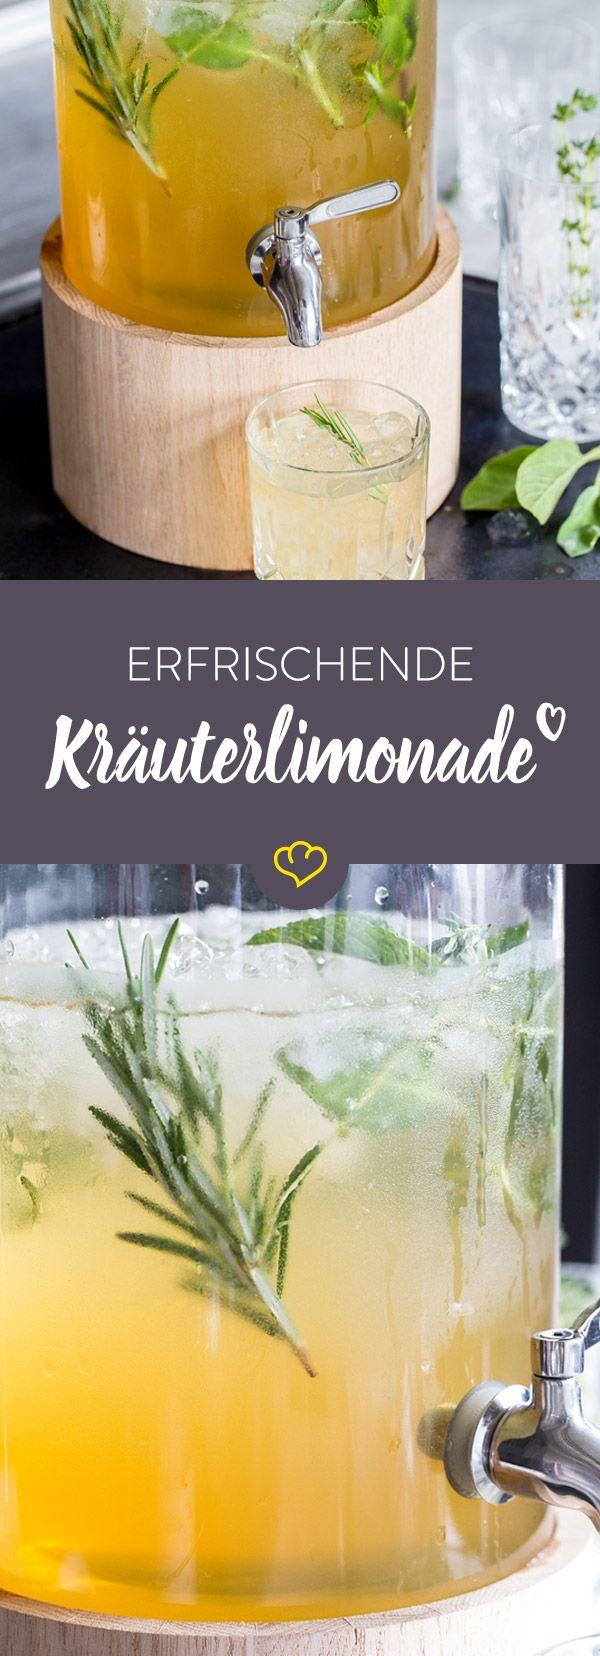 Apfel-Kräuter-Limonade mit Wacholderbeeren #grapefruitcocktail